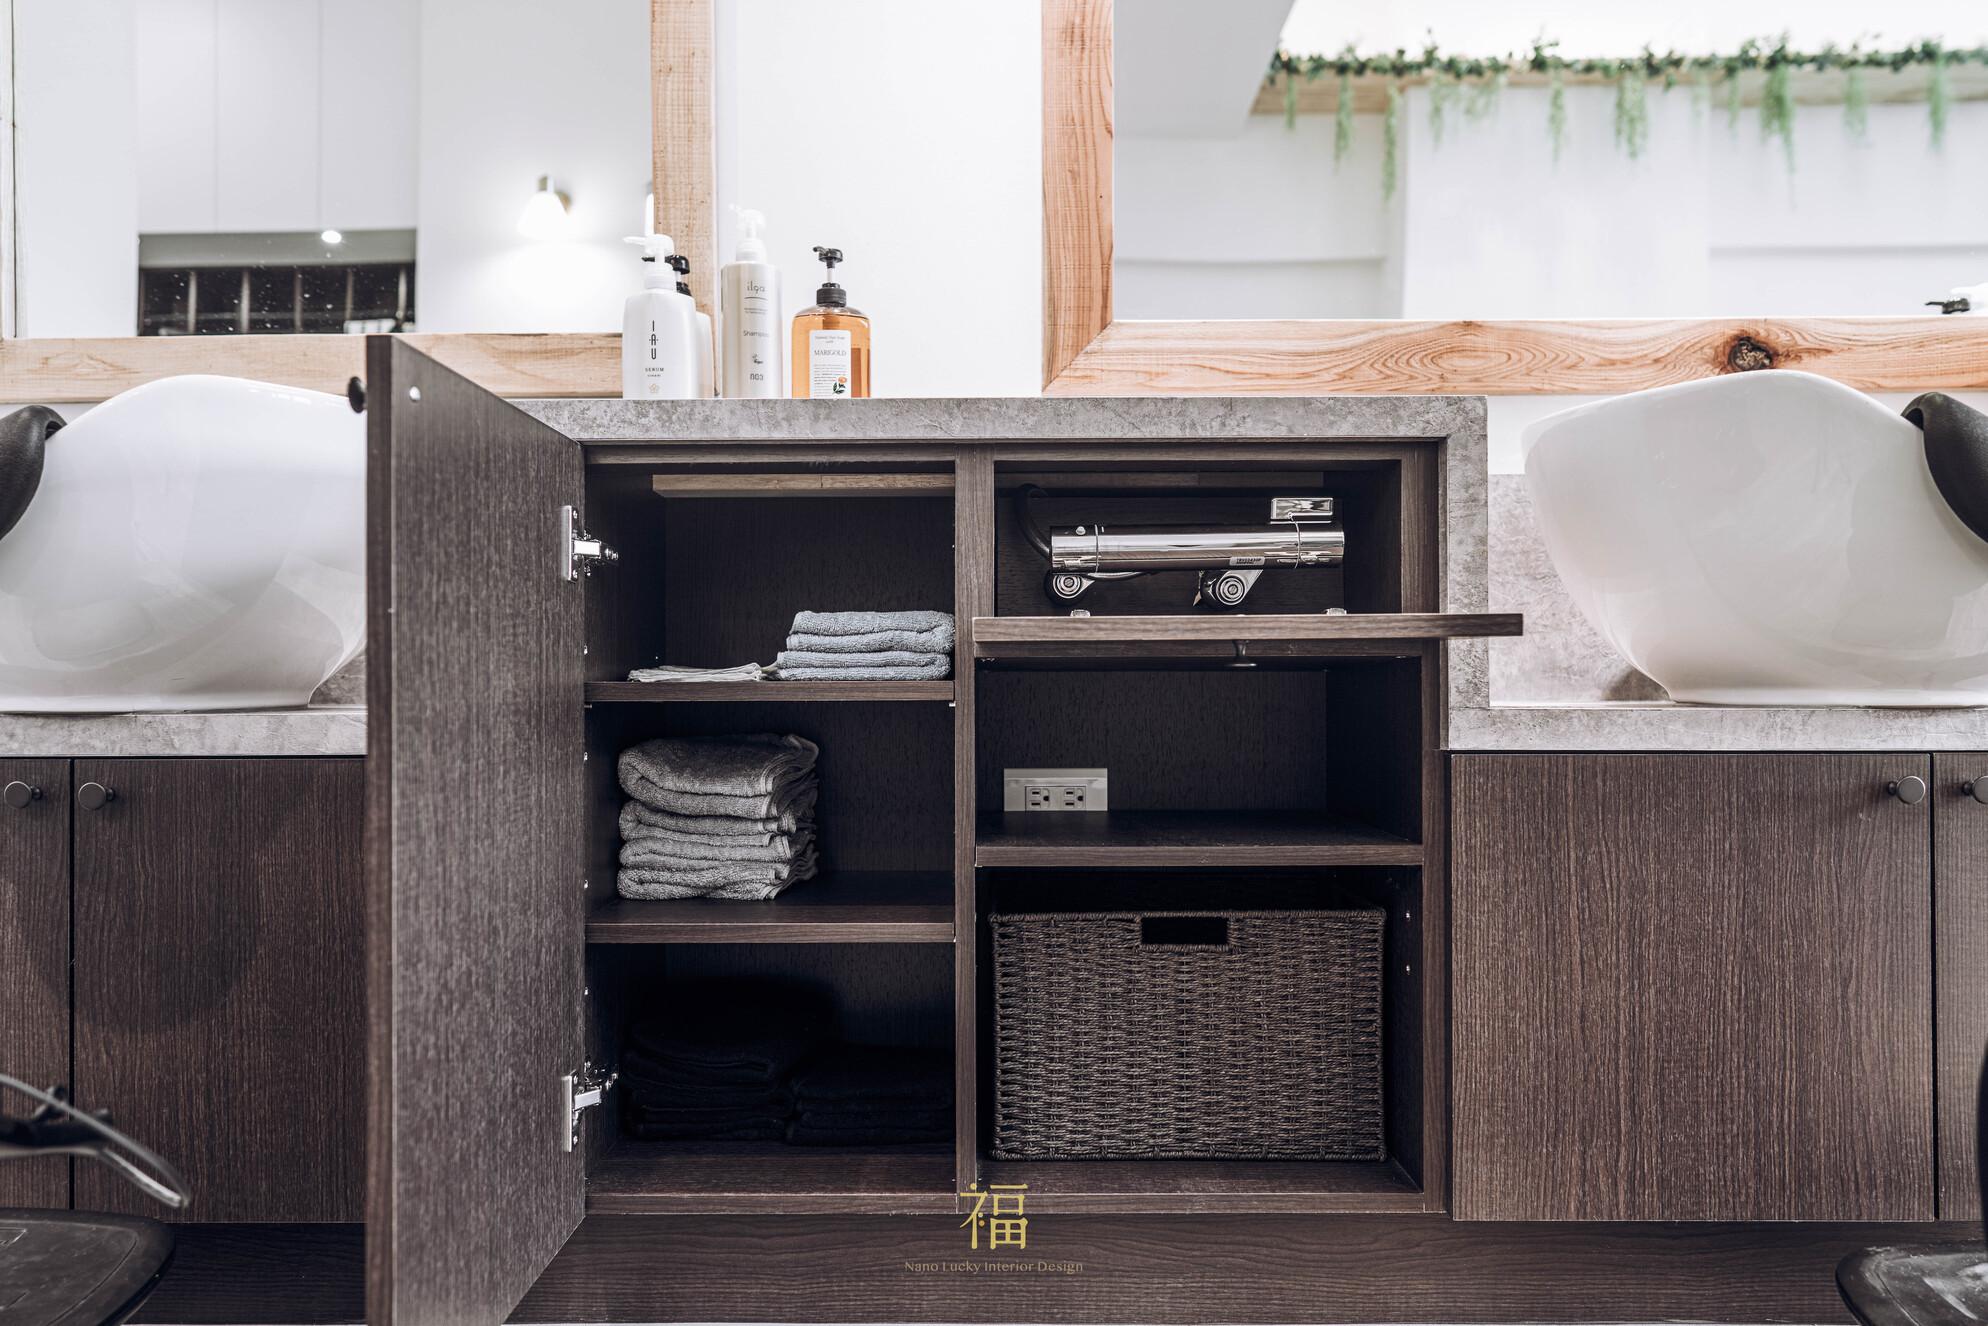 16嘉義太保日系髮廊lislushairsalonstory-系統櫃收納展示|小福砌商業美髮沙龍空間設計